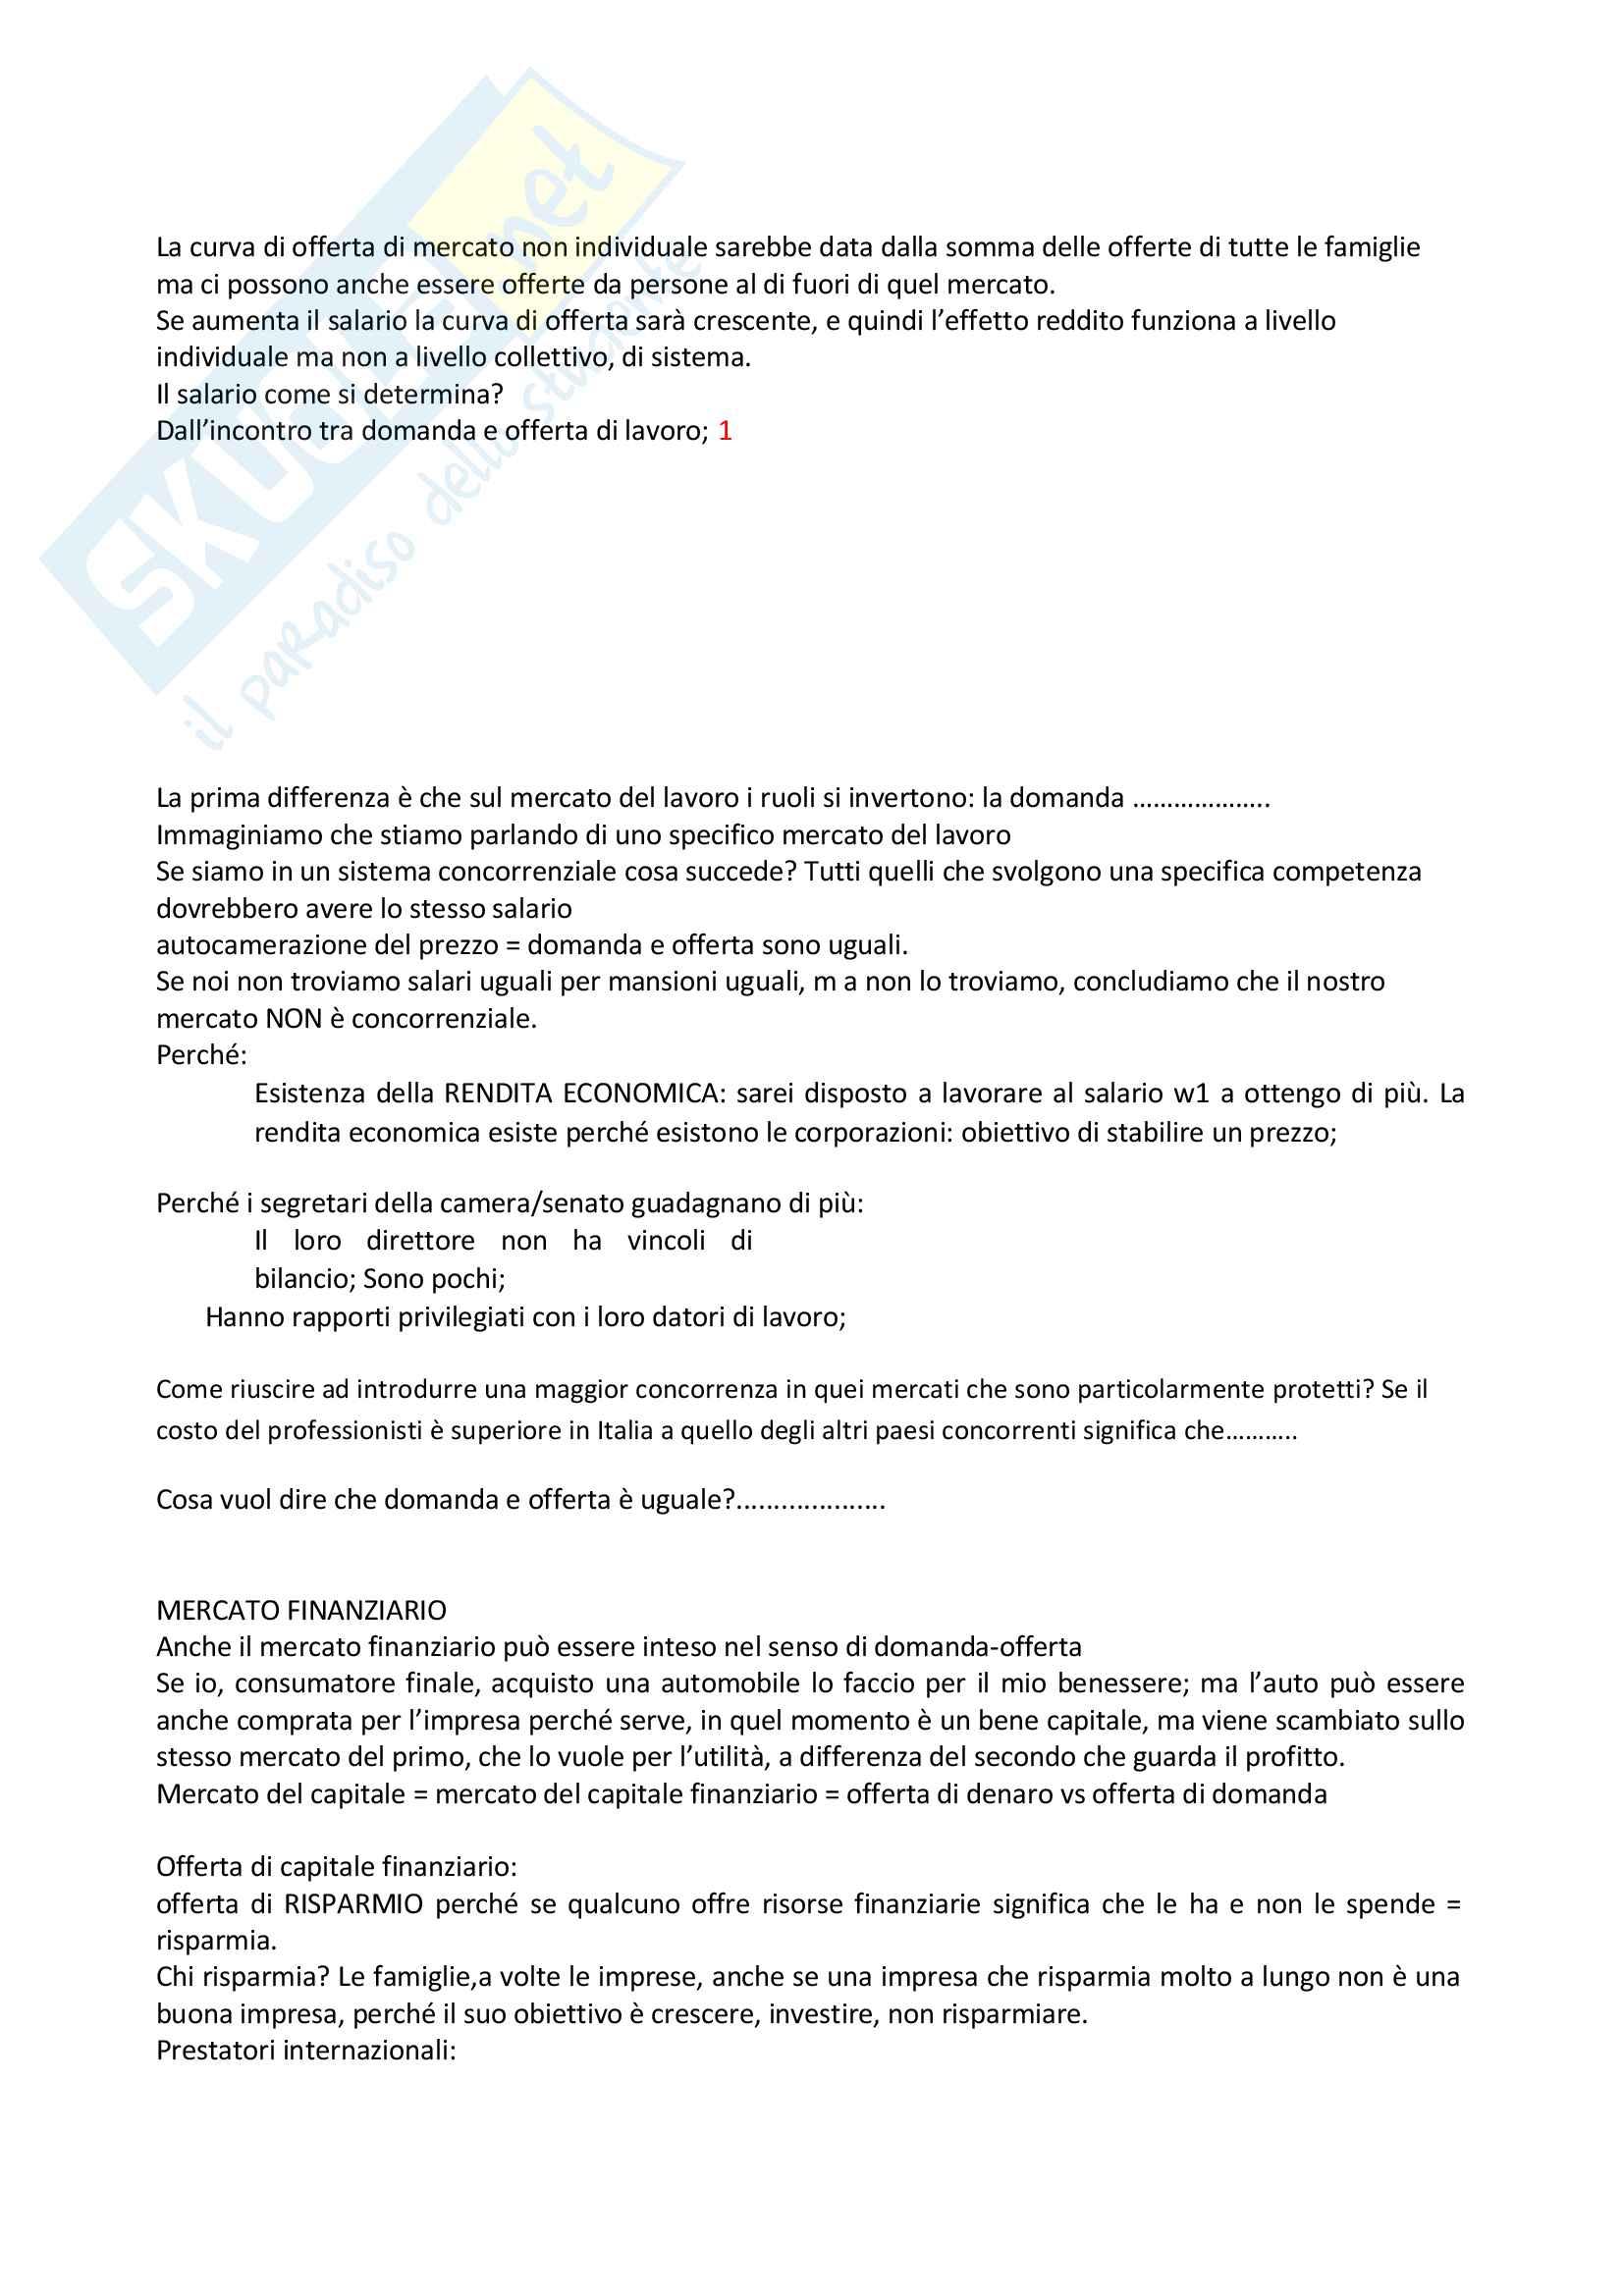 Appunti lezioni Economia Politica prof Goglio UNITN Trento corso A/L 2016 Pag. 36